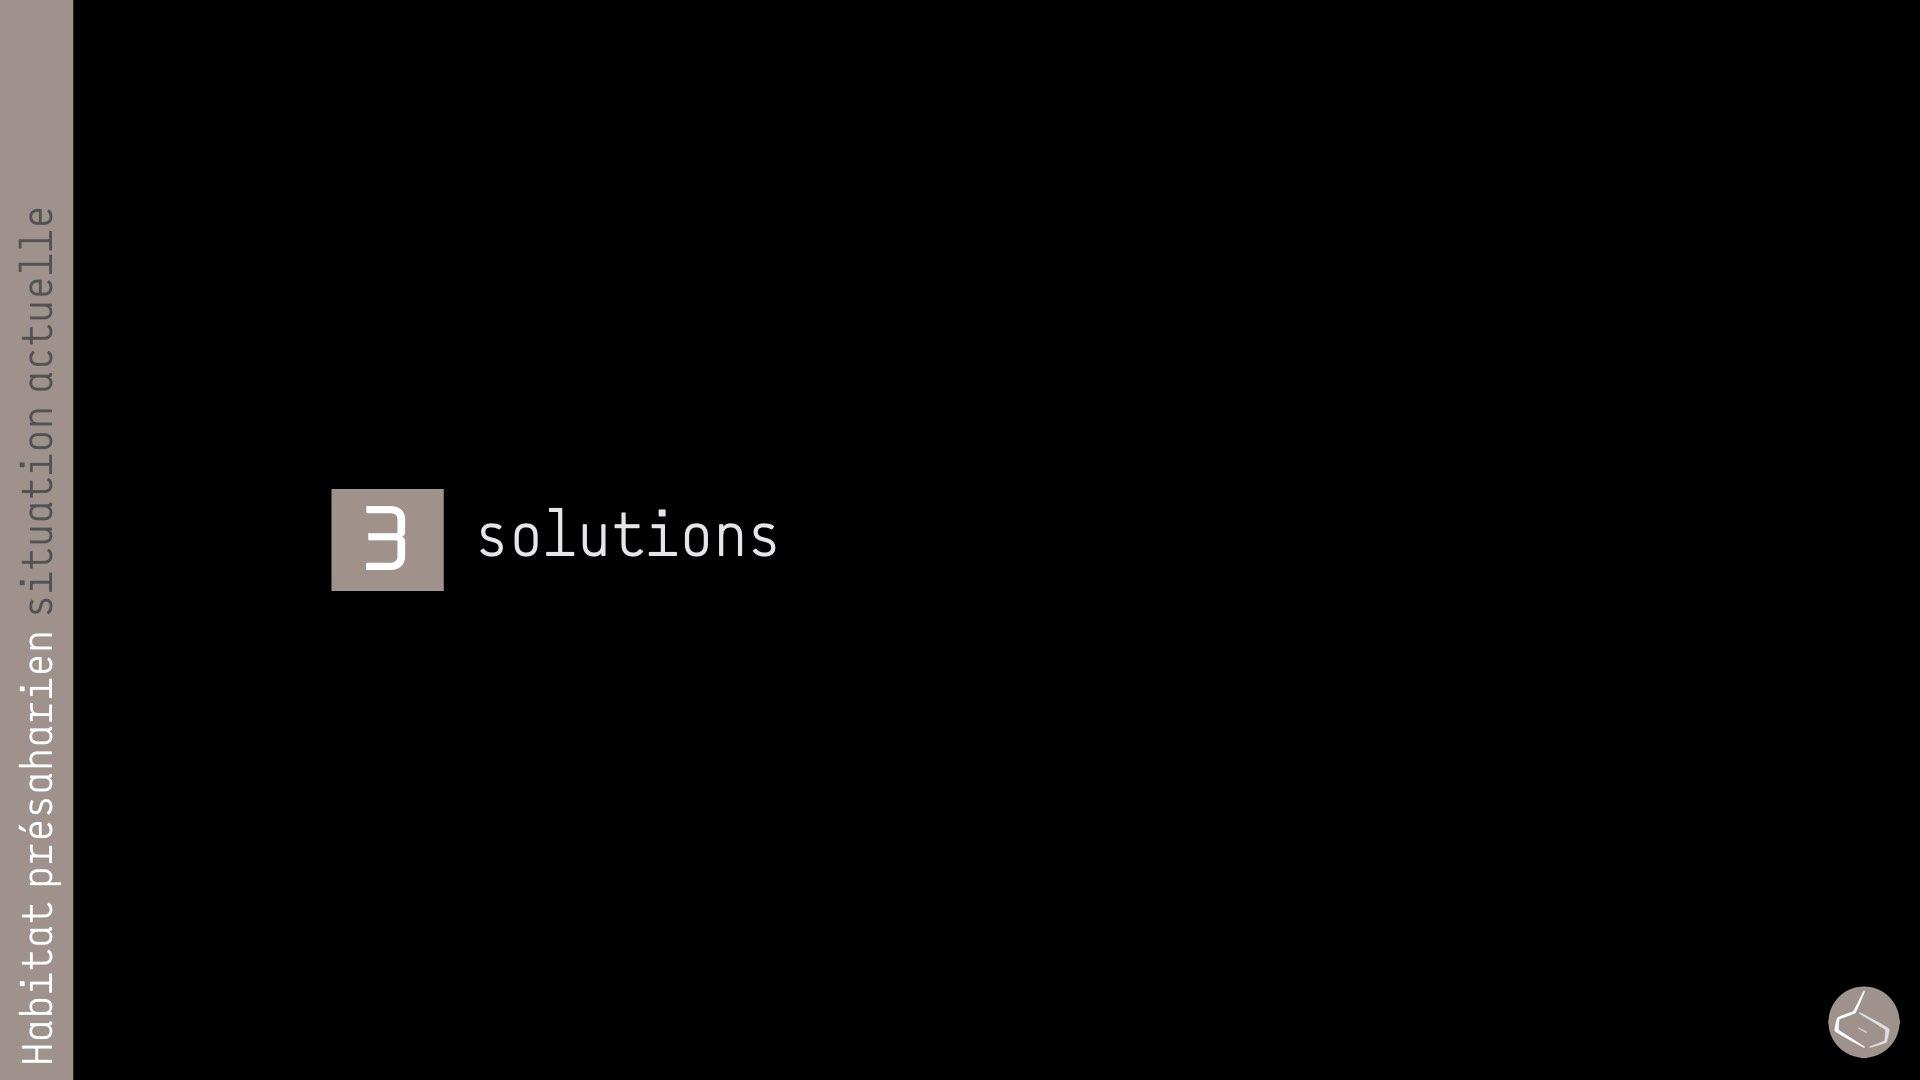 63. Face à tous ces problèmes, il y a des personnes, des associations, qui essayent de les résoudre, dans la mesure de ses possibilités.       63. Faced with these problems, there are people and associations trying to resolve them as hard as they can.